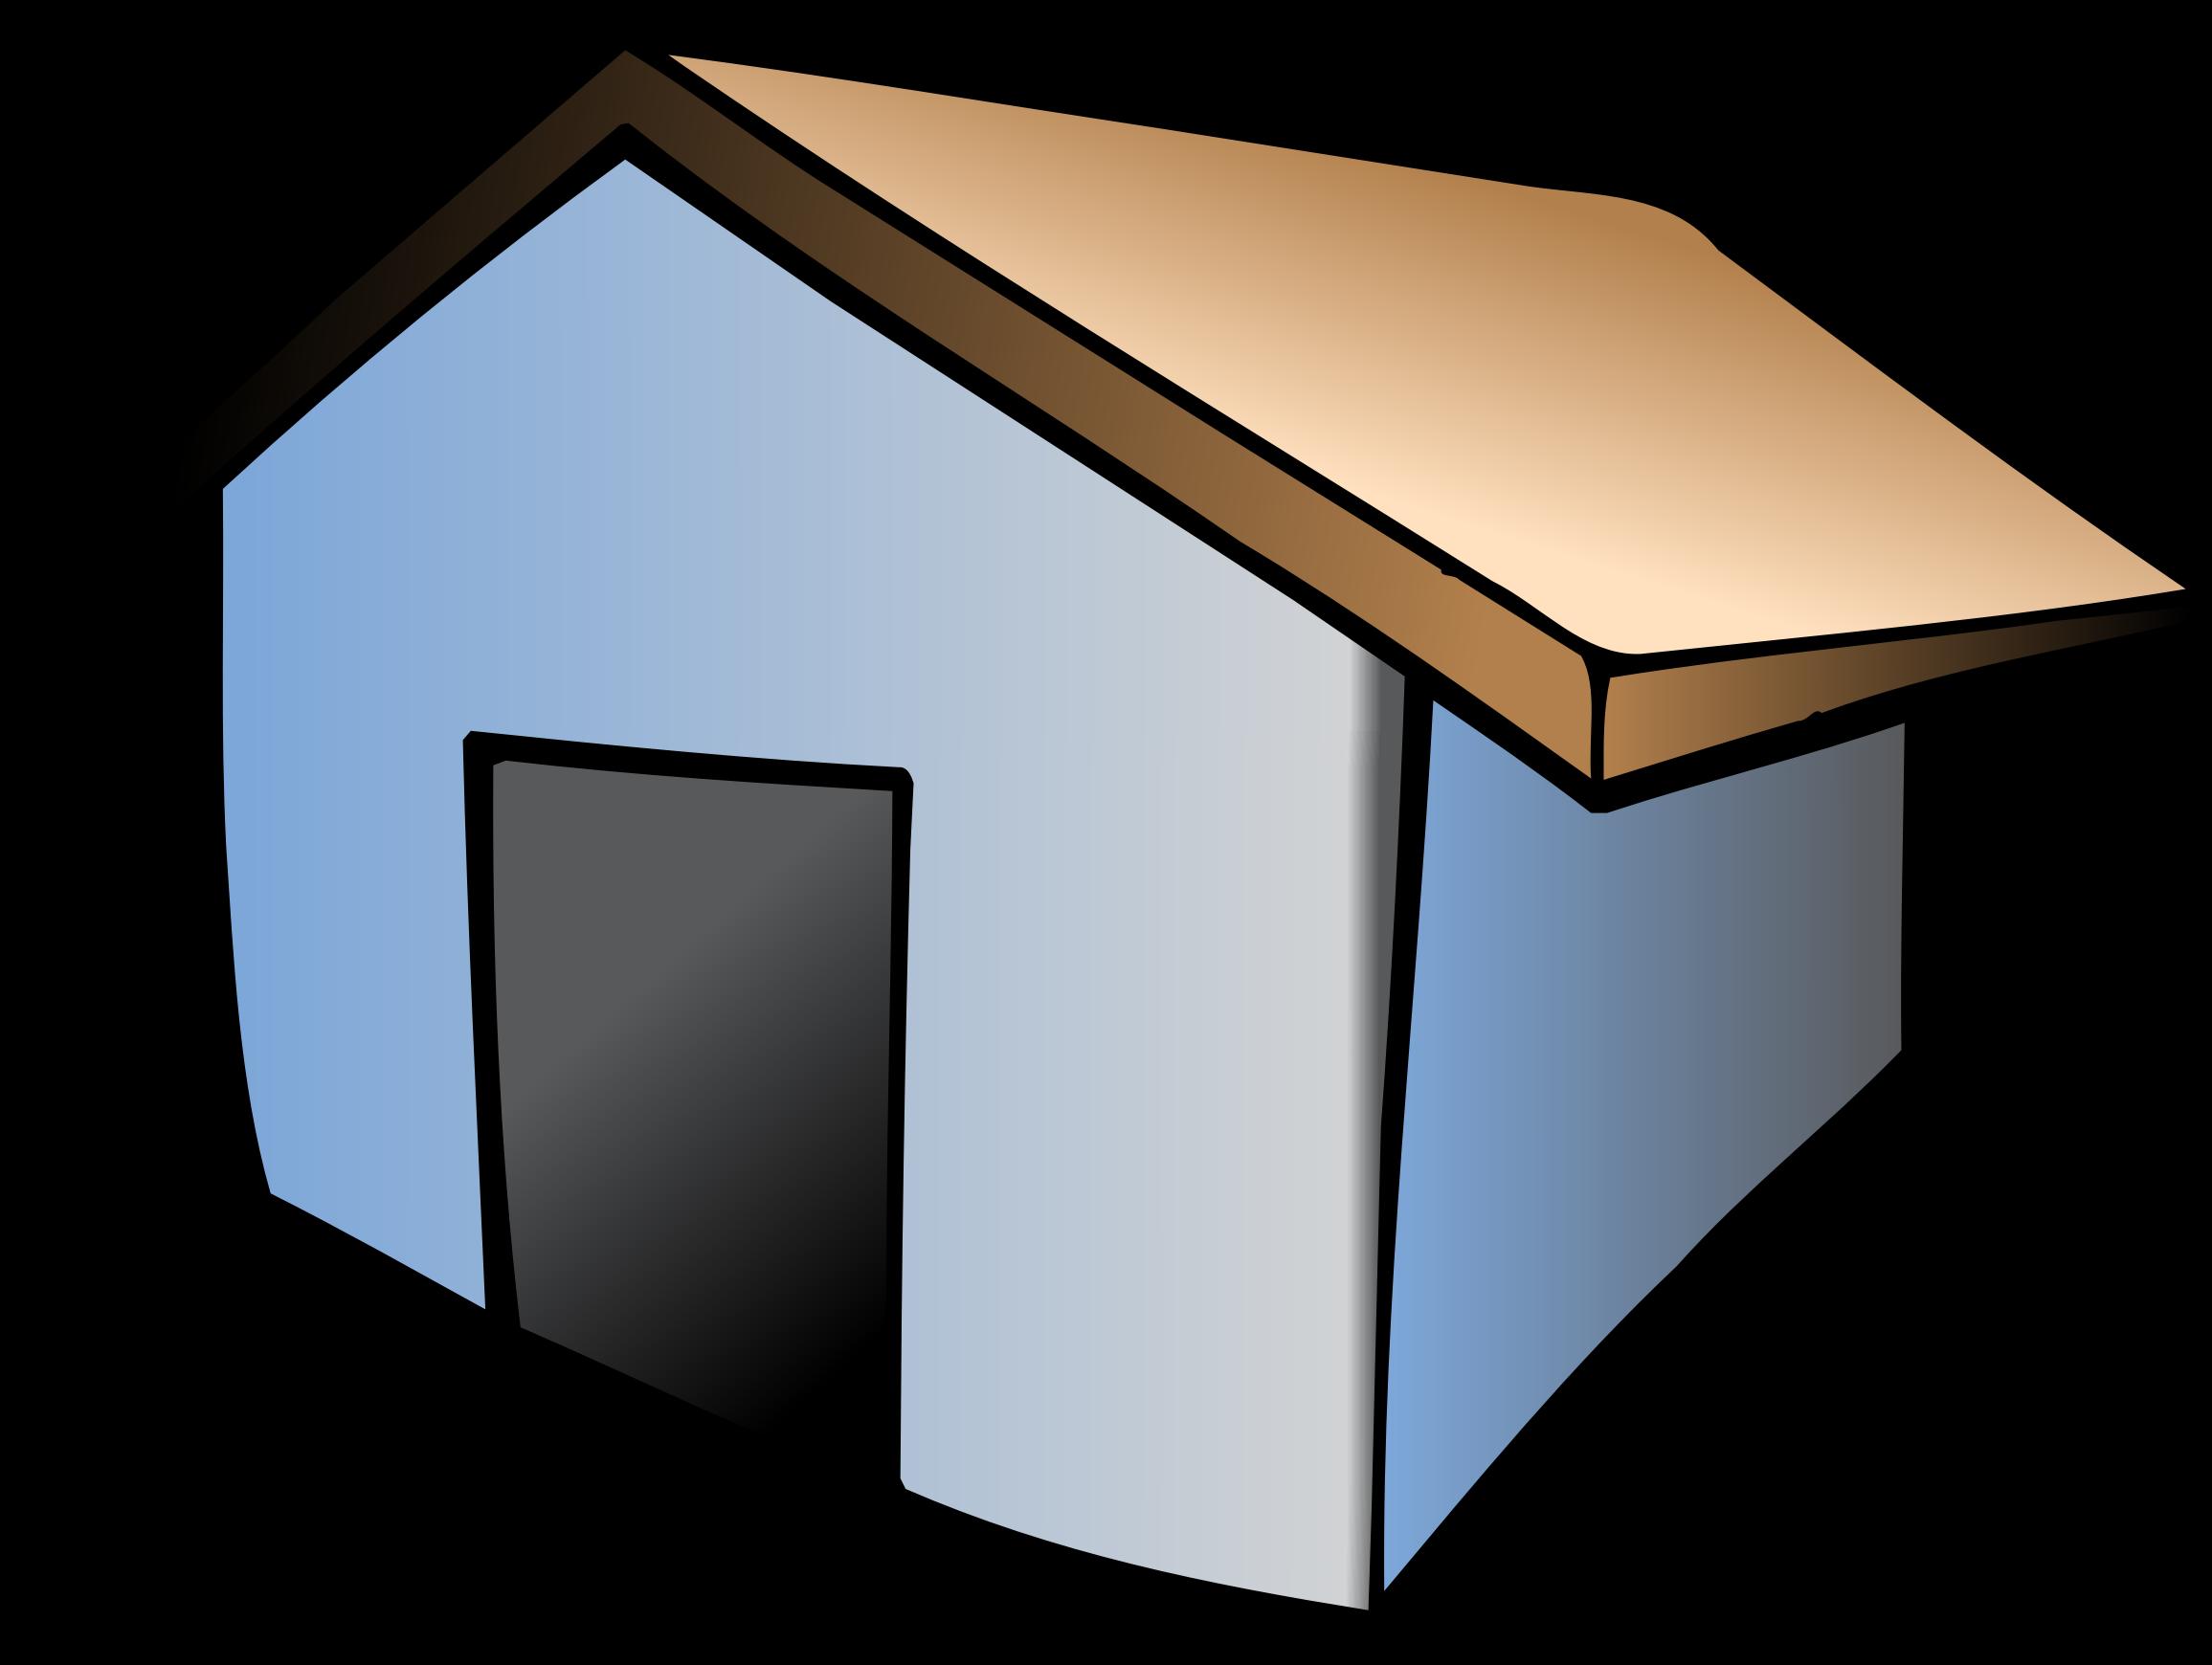 Clipart Raseone Home Icon